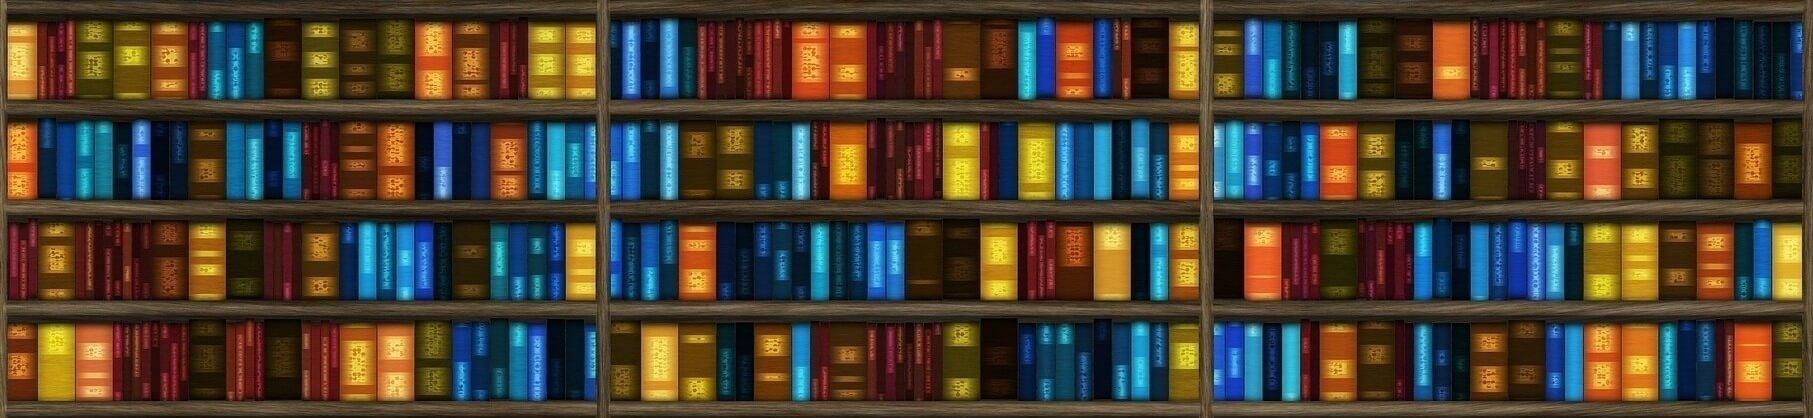 Farbenfrohes Bücherregal von Büchervergleich.org, wo Sie Bücher günstig kaufen können.